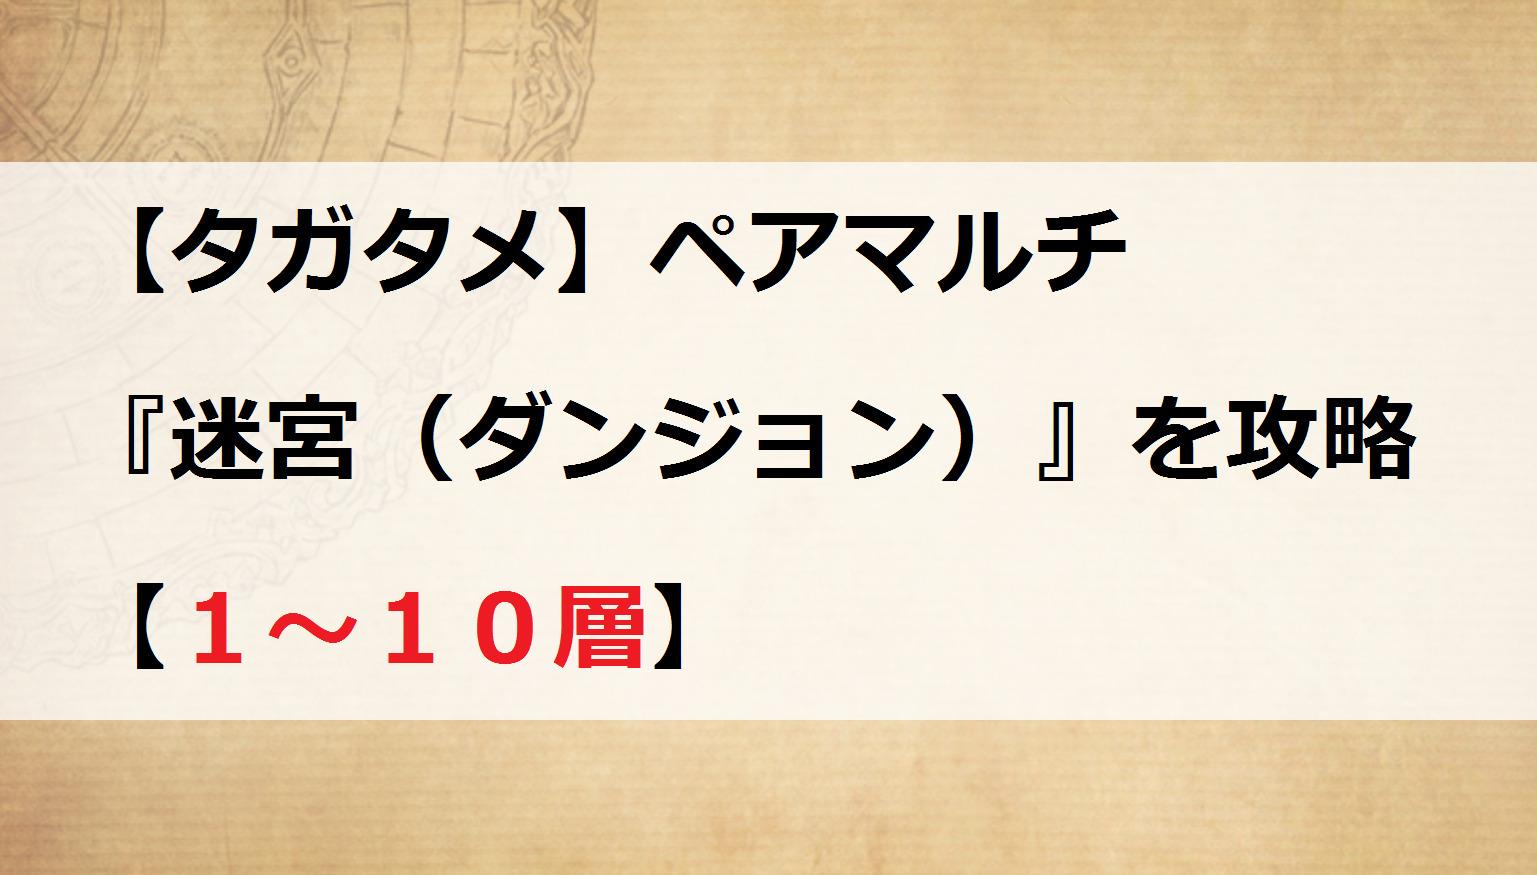 【タガタメ】ペアマルチ『迷宮(ダンジョン)』を攻略【1~10層】